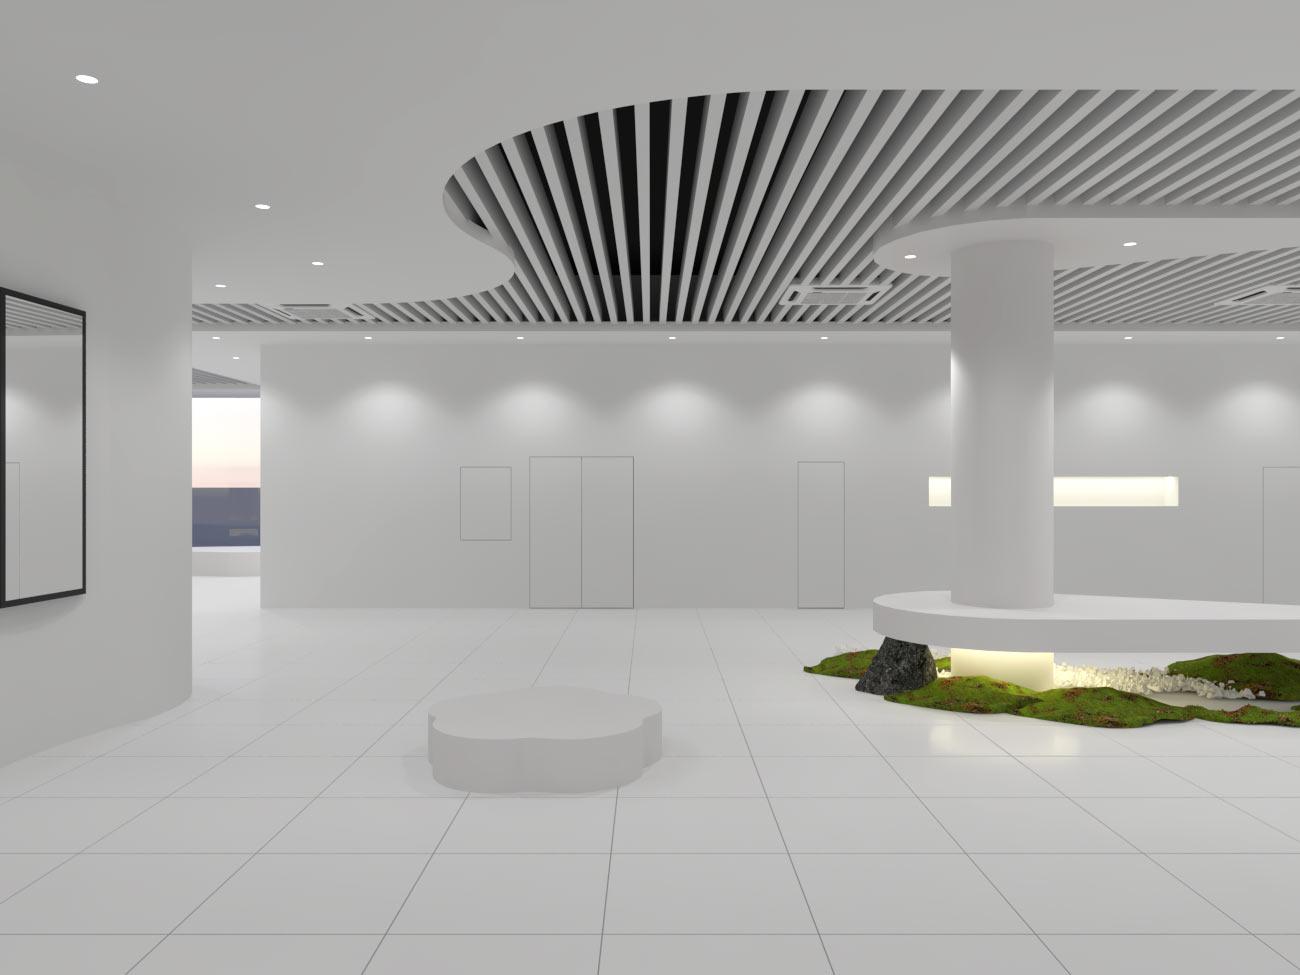 深圳展览大厅设计公司介绍了展台设计的方法